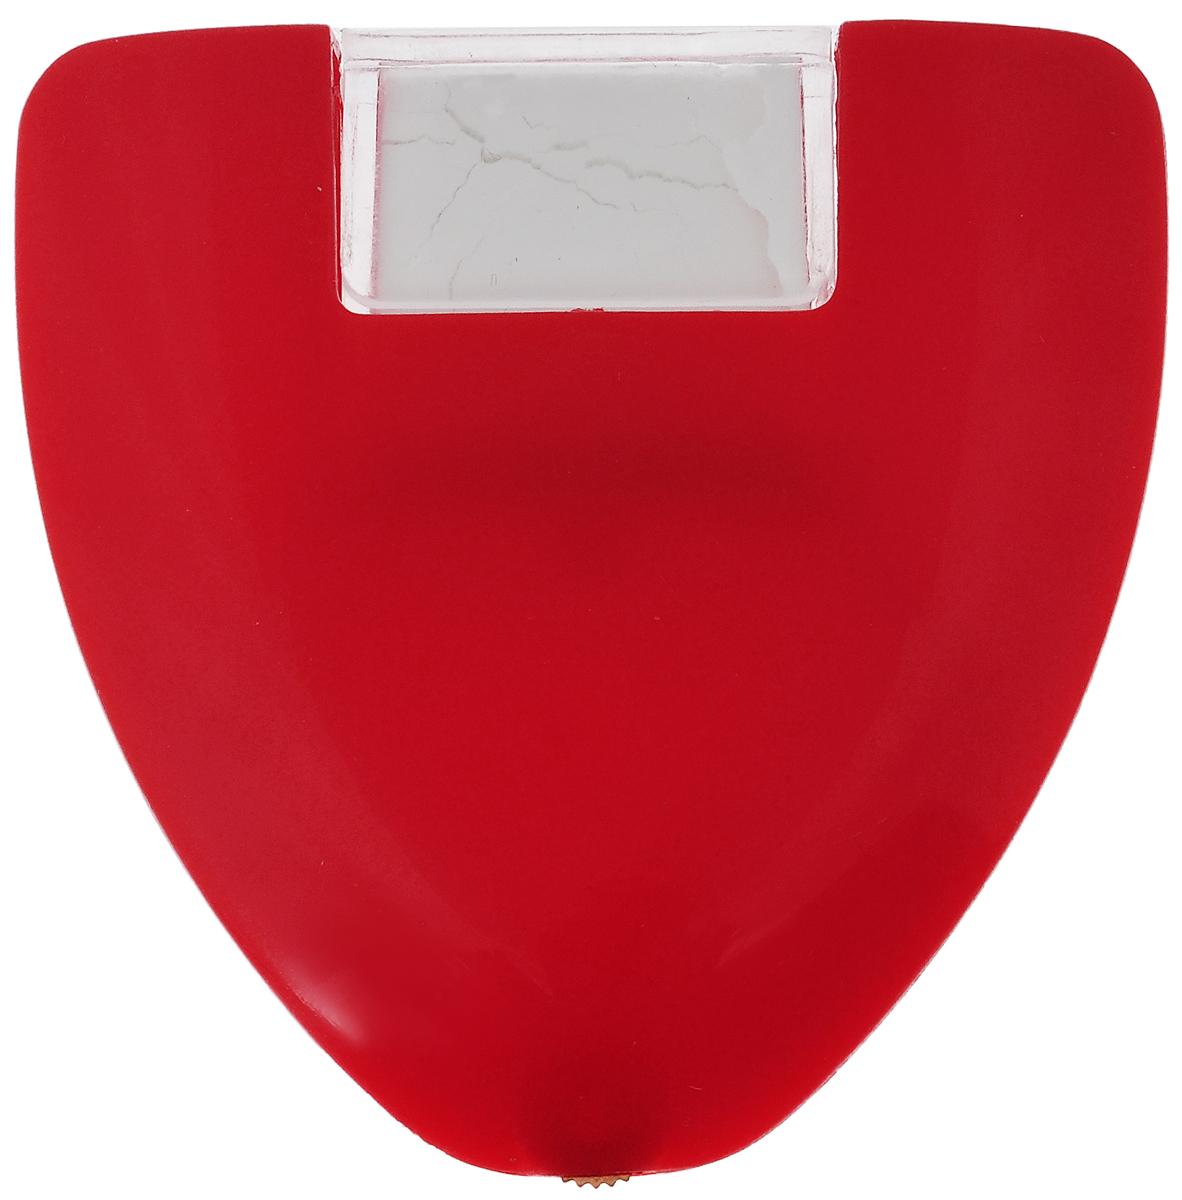 Колесико меловое Hemline, для разметки и нанесения линий244Меловое колесико Hemline предназначено для разметки и нанесения линий. В меловом колесике используется порошковый мел, который помещен в специальный прозрачный пластиковый контейнер. Контейнер с мелом закрепляется на пластиковом корпусе. Для равномерного распределения мела на поверхность материала предусмотрен простейший механизм - регулировочное колесико с зубчиками. Благодаря этому колесику мел не просто высыпается, а распределяется тонкой четкой линией. Мел-порошок в контейнере - очень удобный вариант нанесения меловой разметки. У вас всегда будут чистые руки, изделие не оставляет никаких жирных следов и оставляет тонкий и четкий след. Пластиковый контейнер оснащен предохранителем. Перед началом работы необходимо снять предохранитель и высыпать мел в пластиковый корпус. Контейнер с мелом заменяемый.